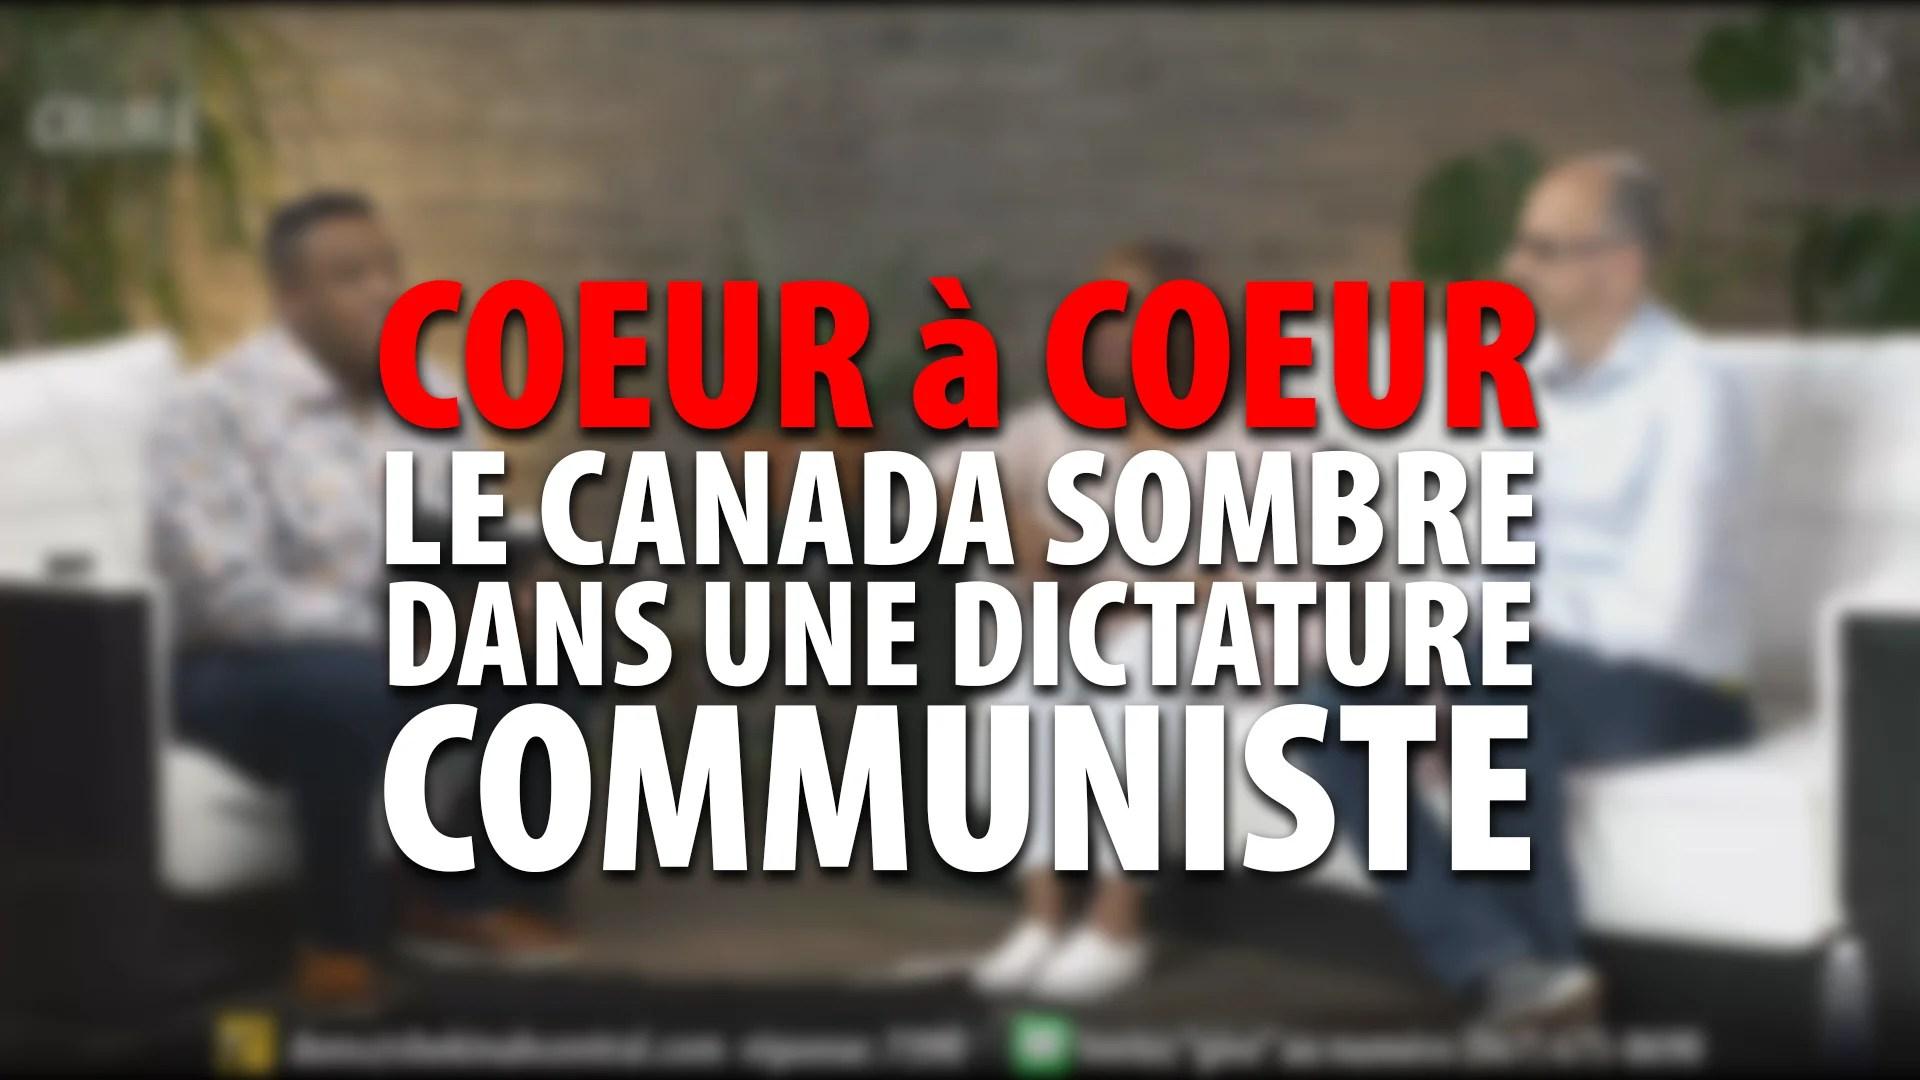 COEUR à COEUR – LE CANADA SOMBRE DANS UNE DICTATURE COMMUNISTE